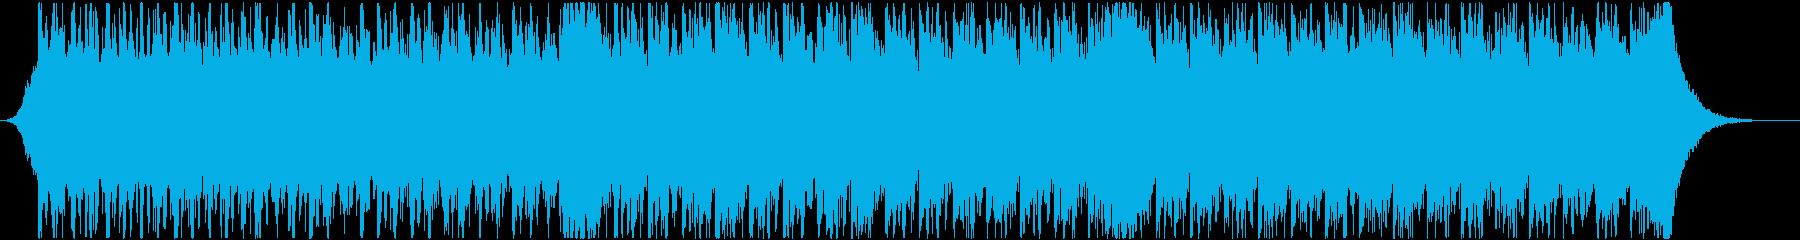 緊張感と疾走感のあるシネマティック曲 aの再生済みの波形